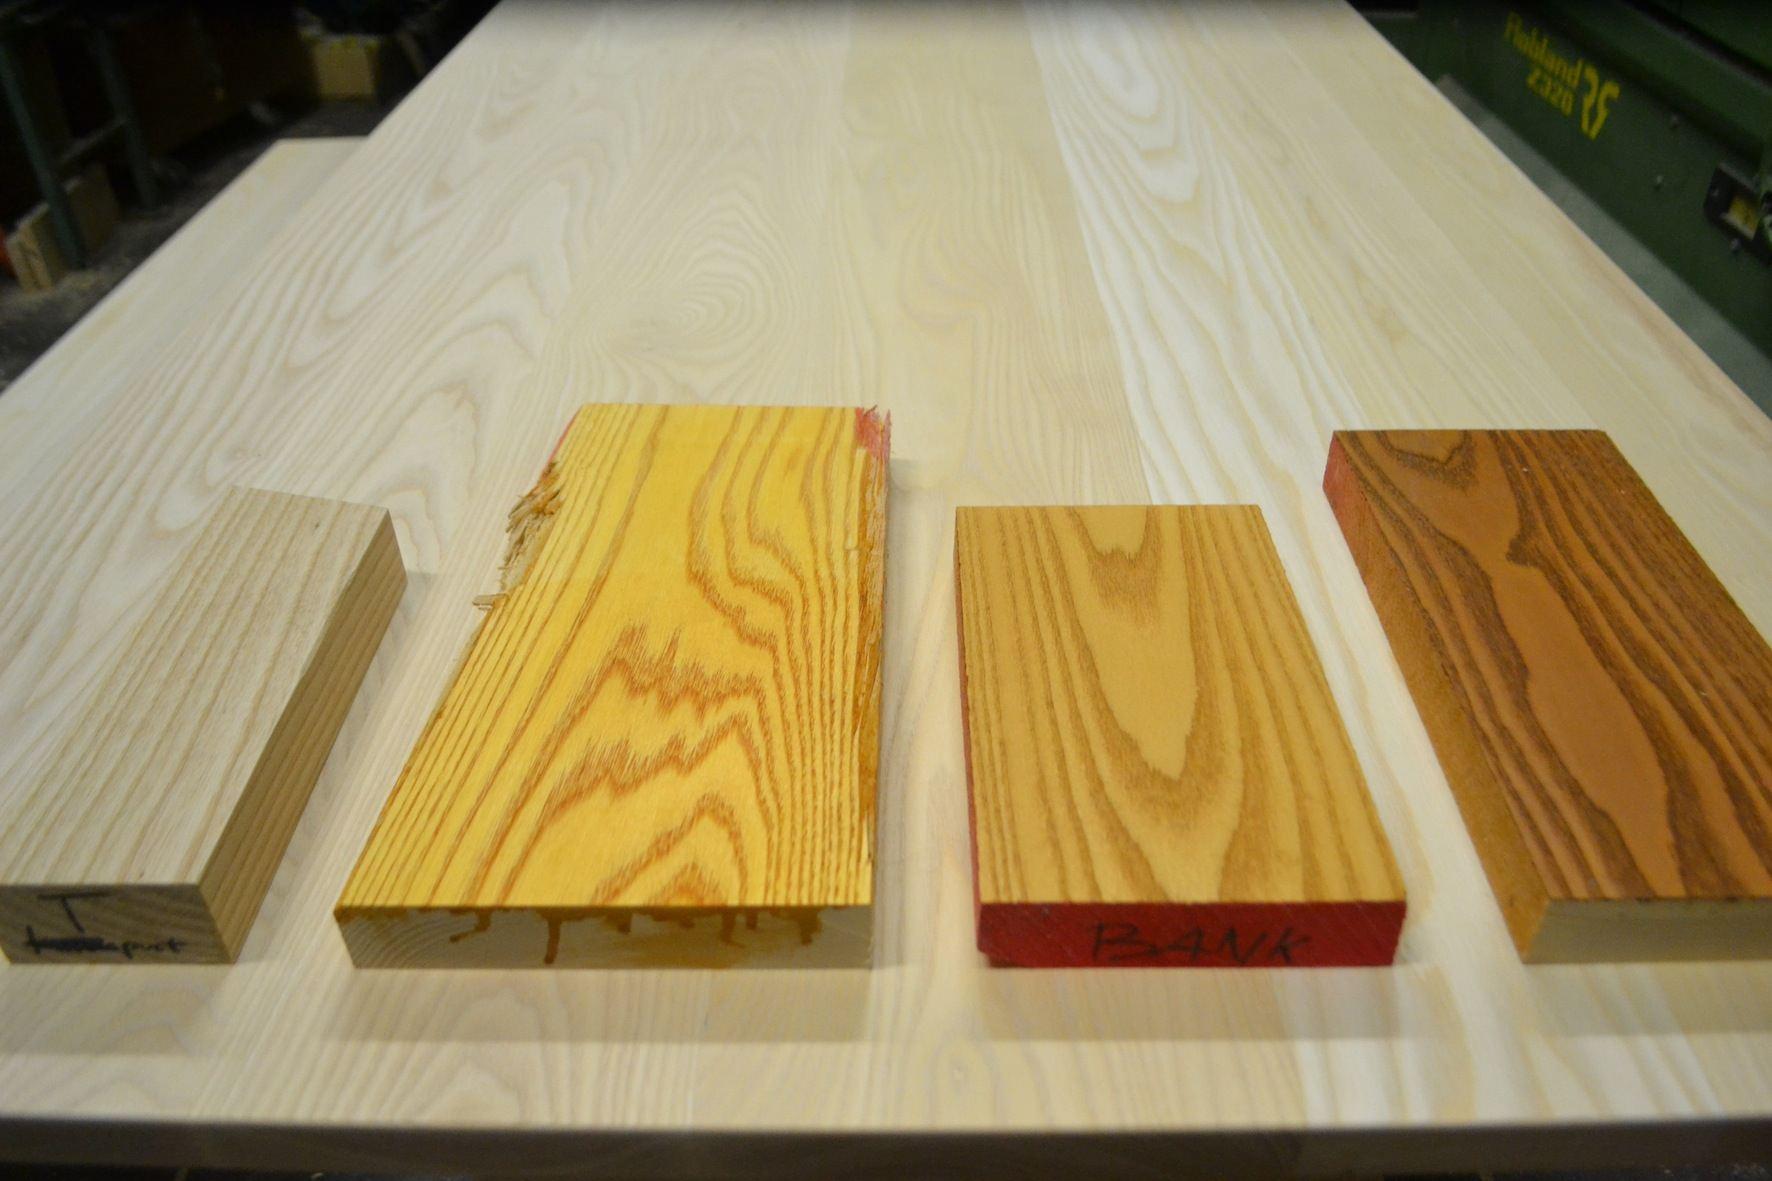 Houtwerff · maatwerk tafel en bankje · meubelmaker uit eindhoven